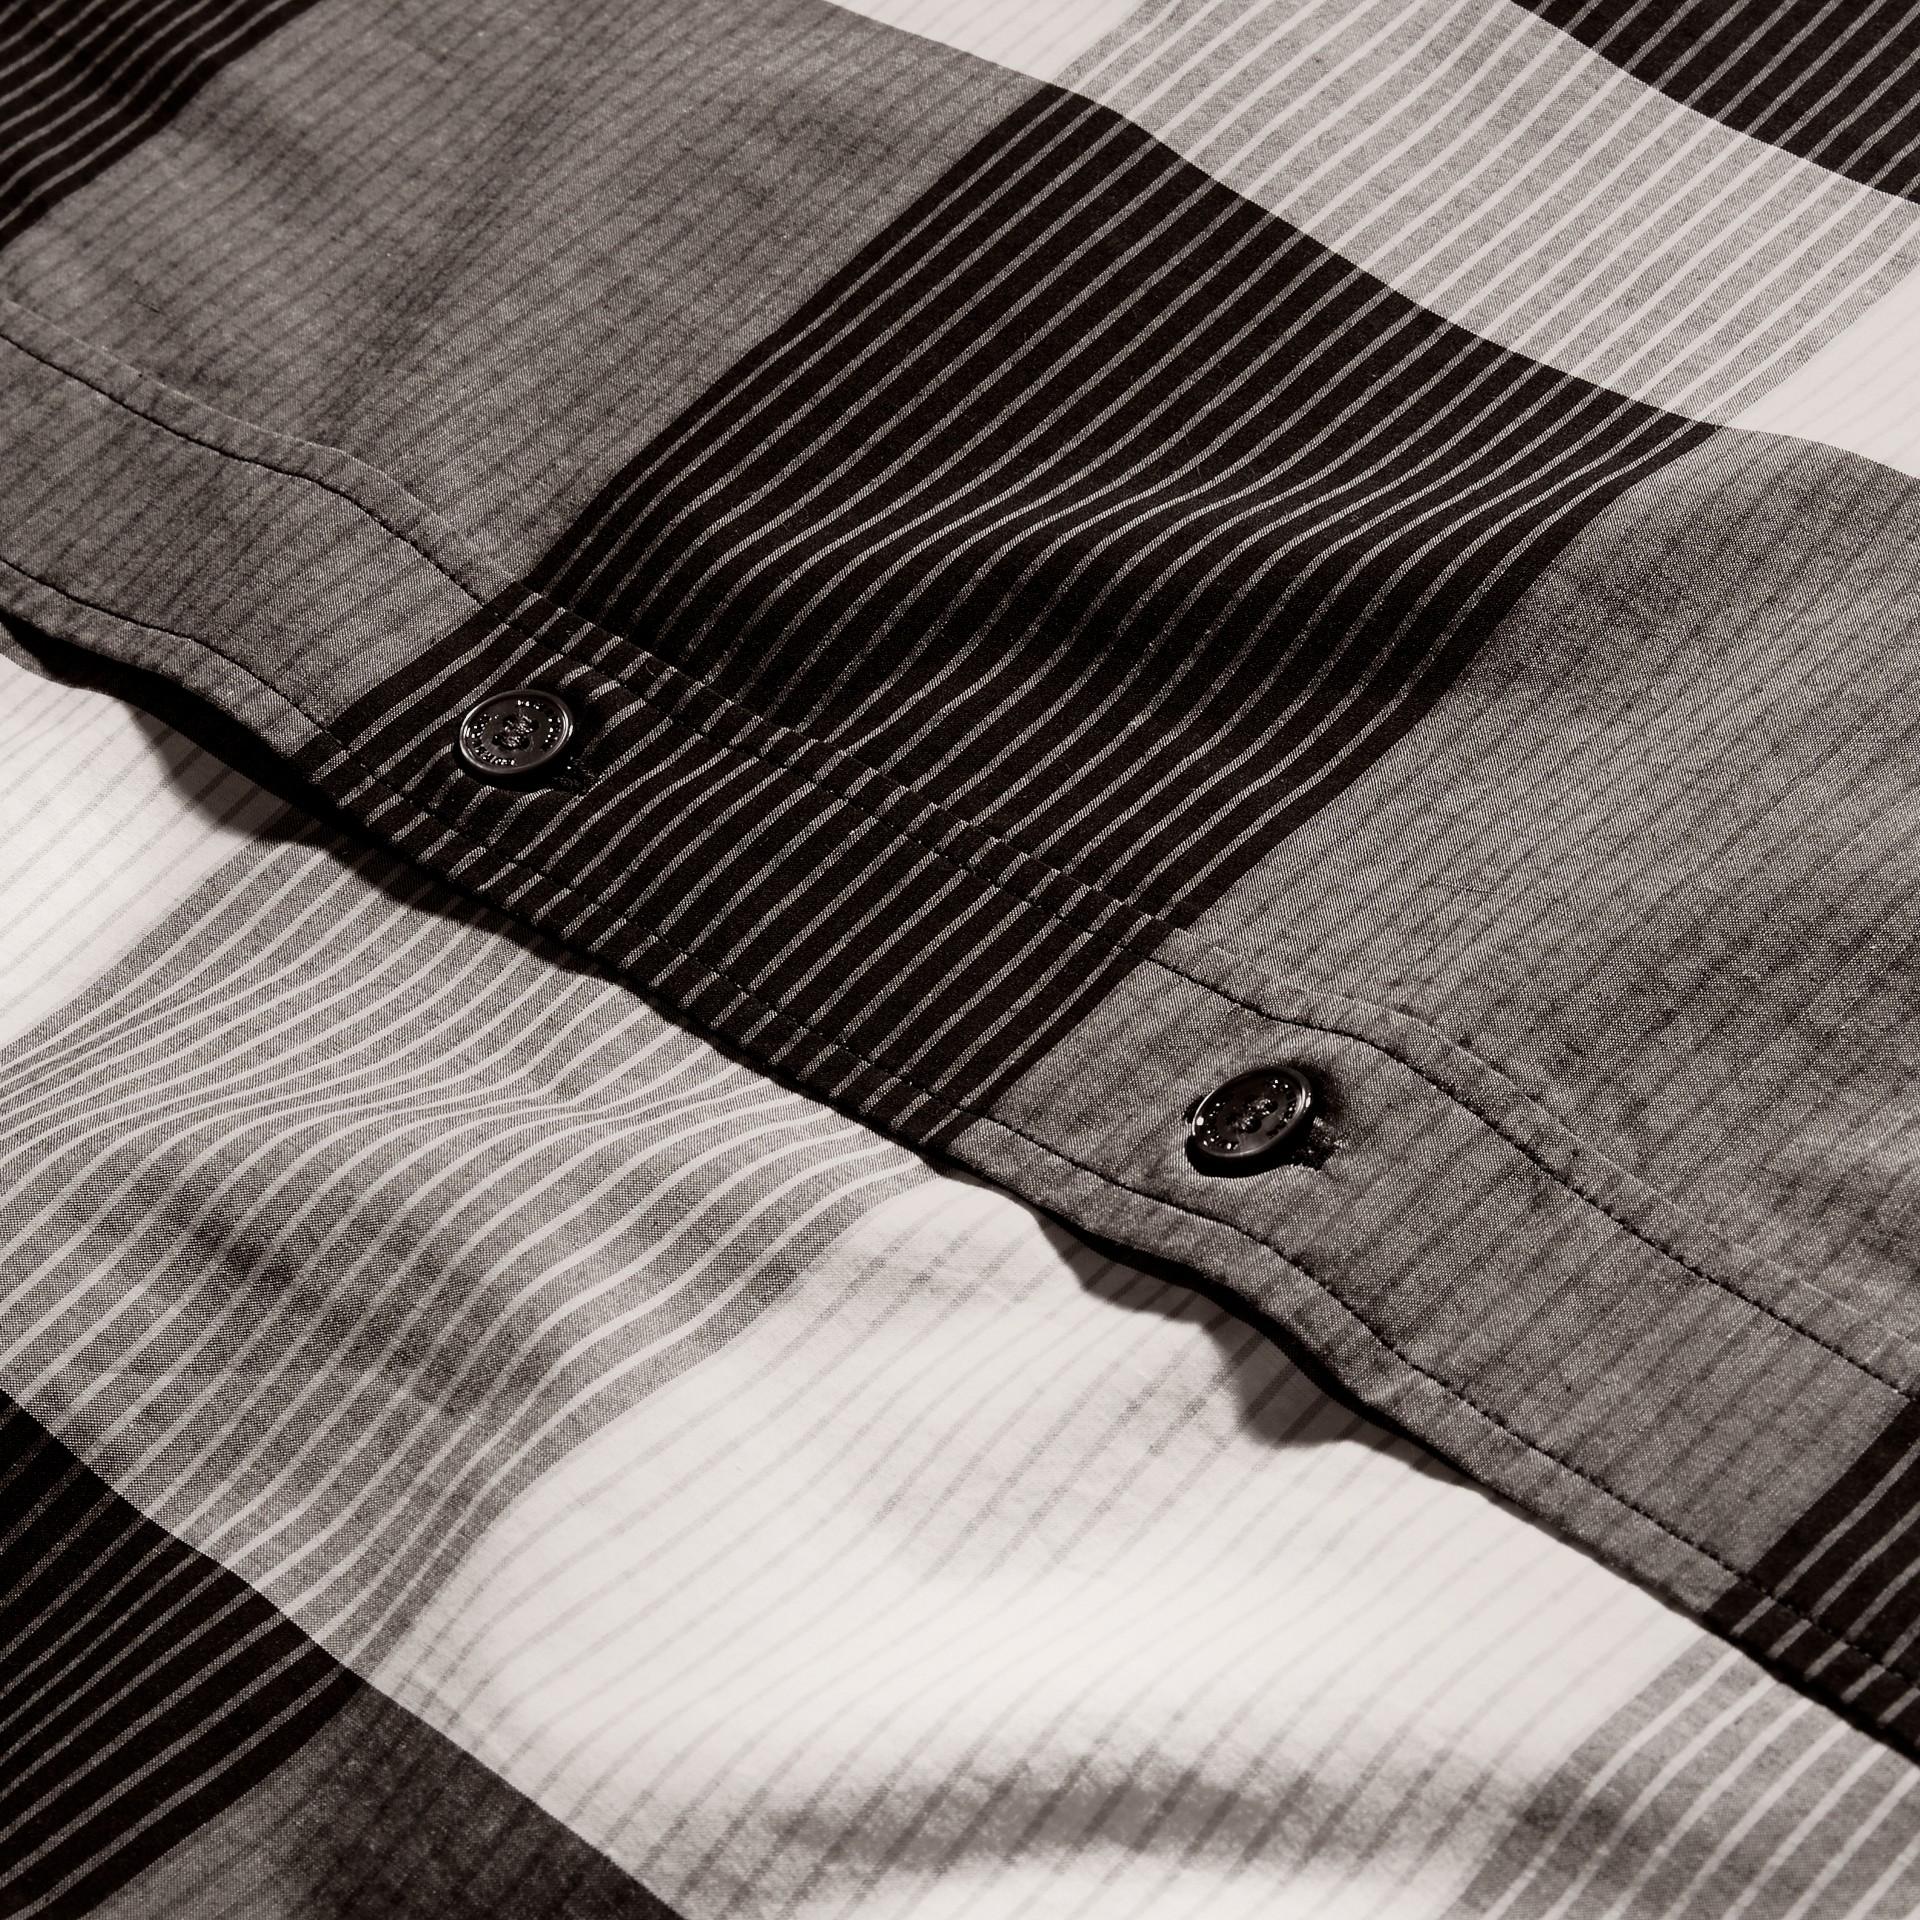 Schwarz Baumwollhemd mit grafischem Check-Muster Schwarz - Galerie-Bild 2